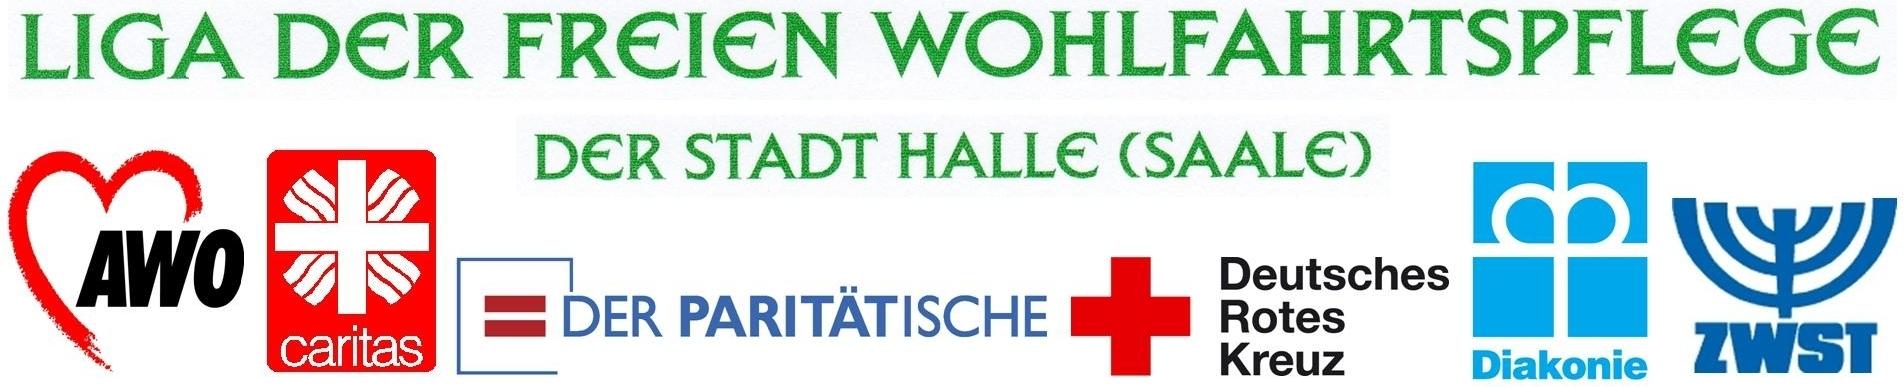 Logo Liga der freien Wohlfahrtspflege